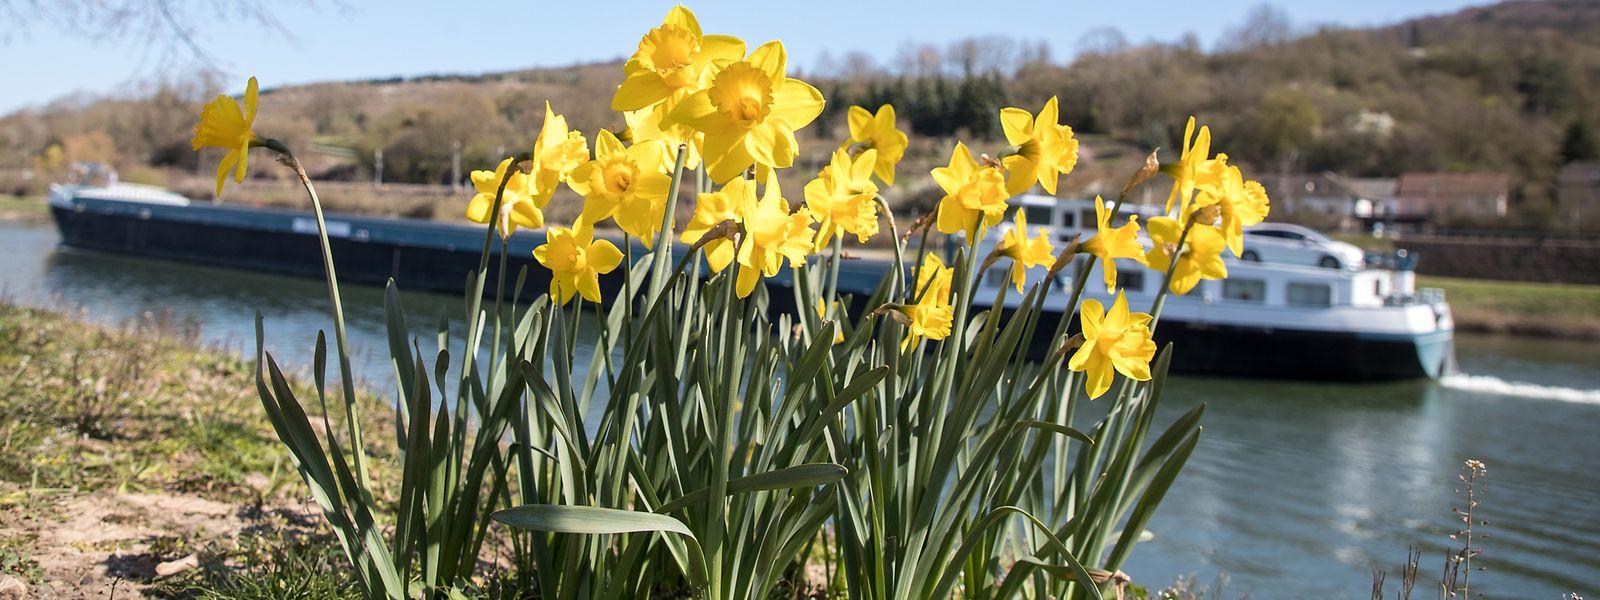 Milde Temperaturen und viel Sonne lassen die Natur derzeit aufblühen.